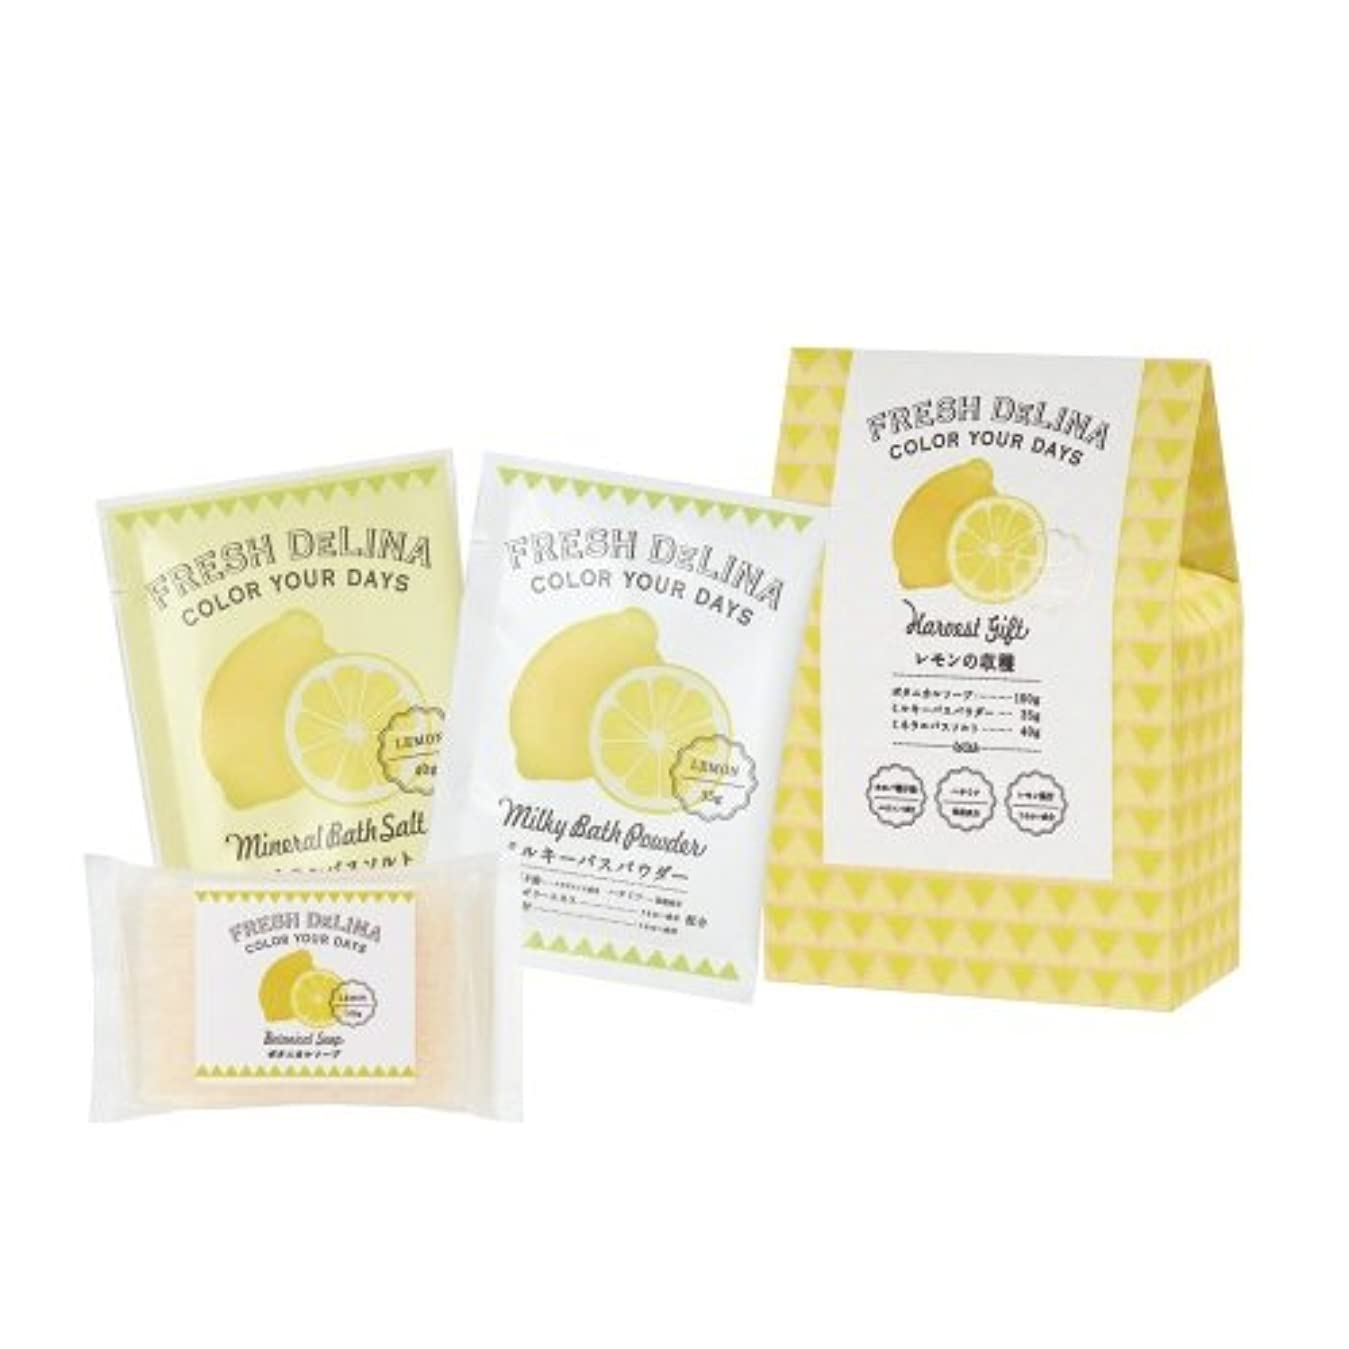 中優れた代名詞フレッシュデリーナ ハーベストギフト レモン (ミルキバスパウダー35g、ミネラルバスソルト40g、ボタニカルソープ100g 「各1個」)